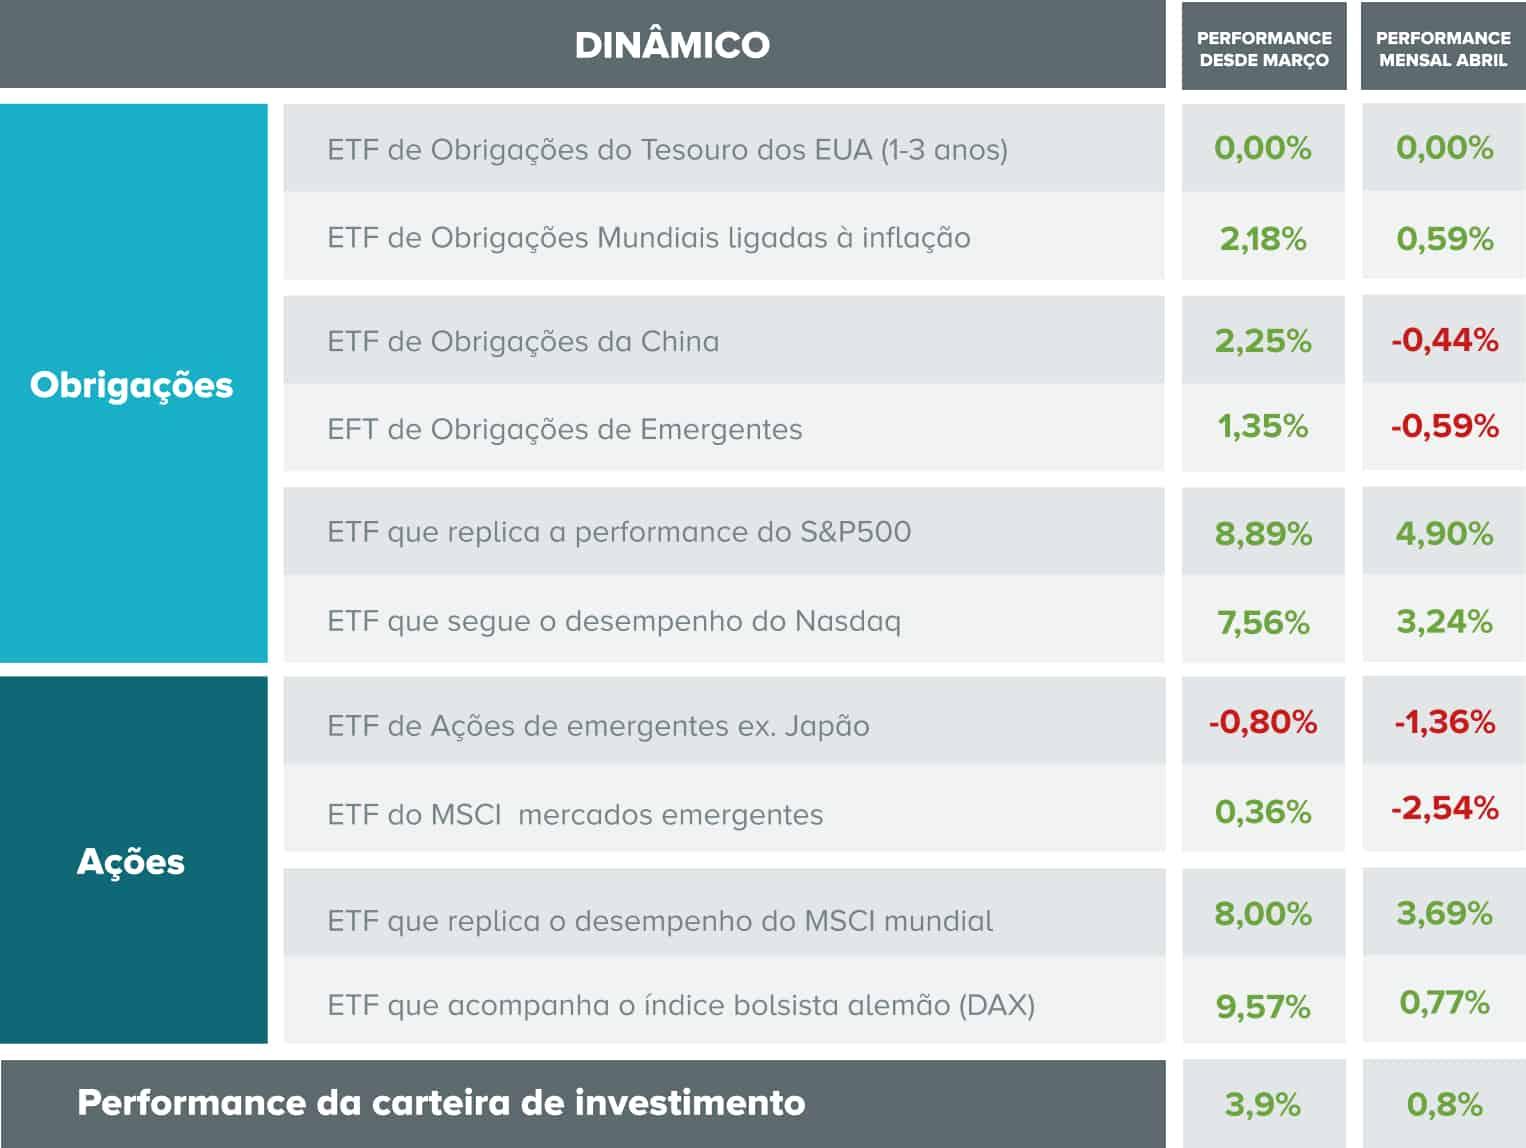 Constituição da carteira dinâmica e o desempenho de cada ativo e da totalidade da carteira